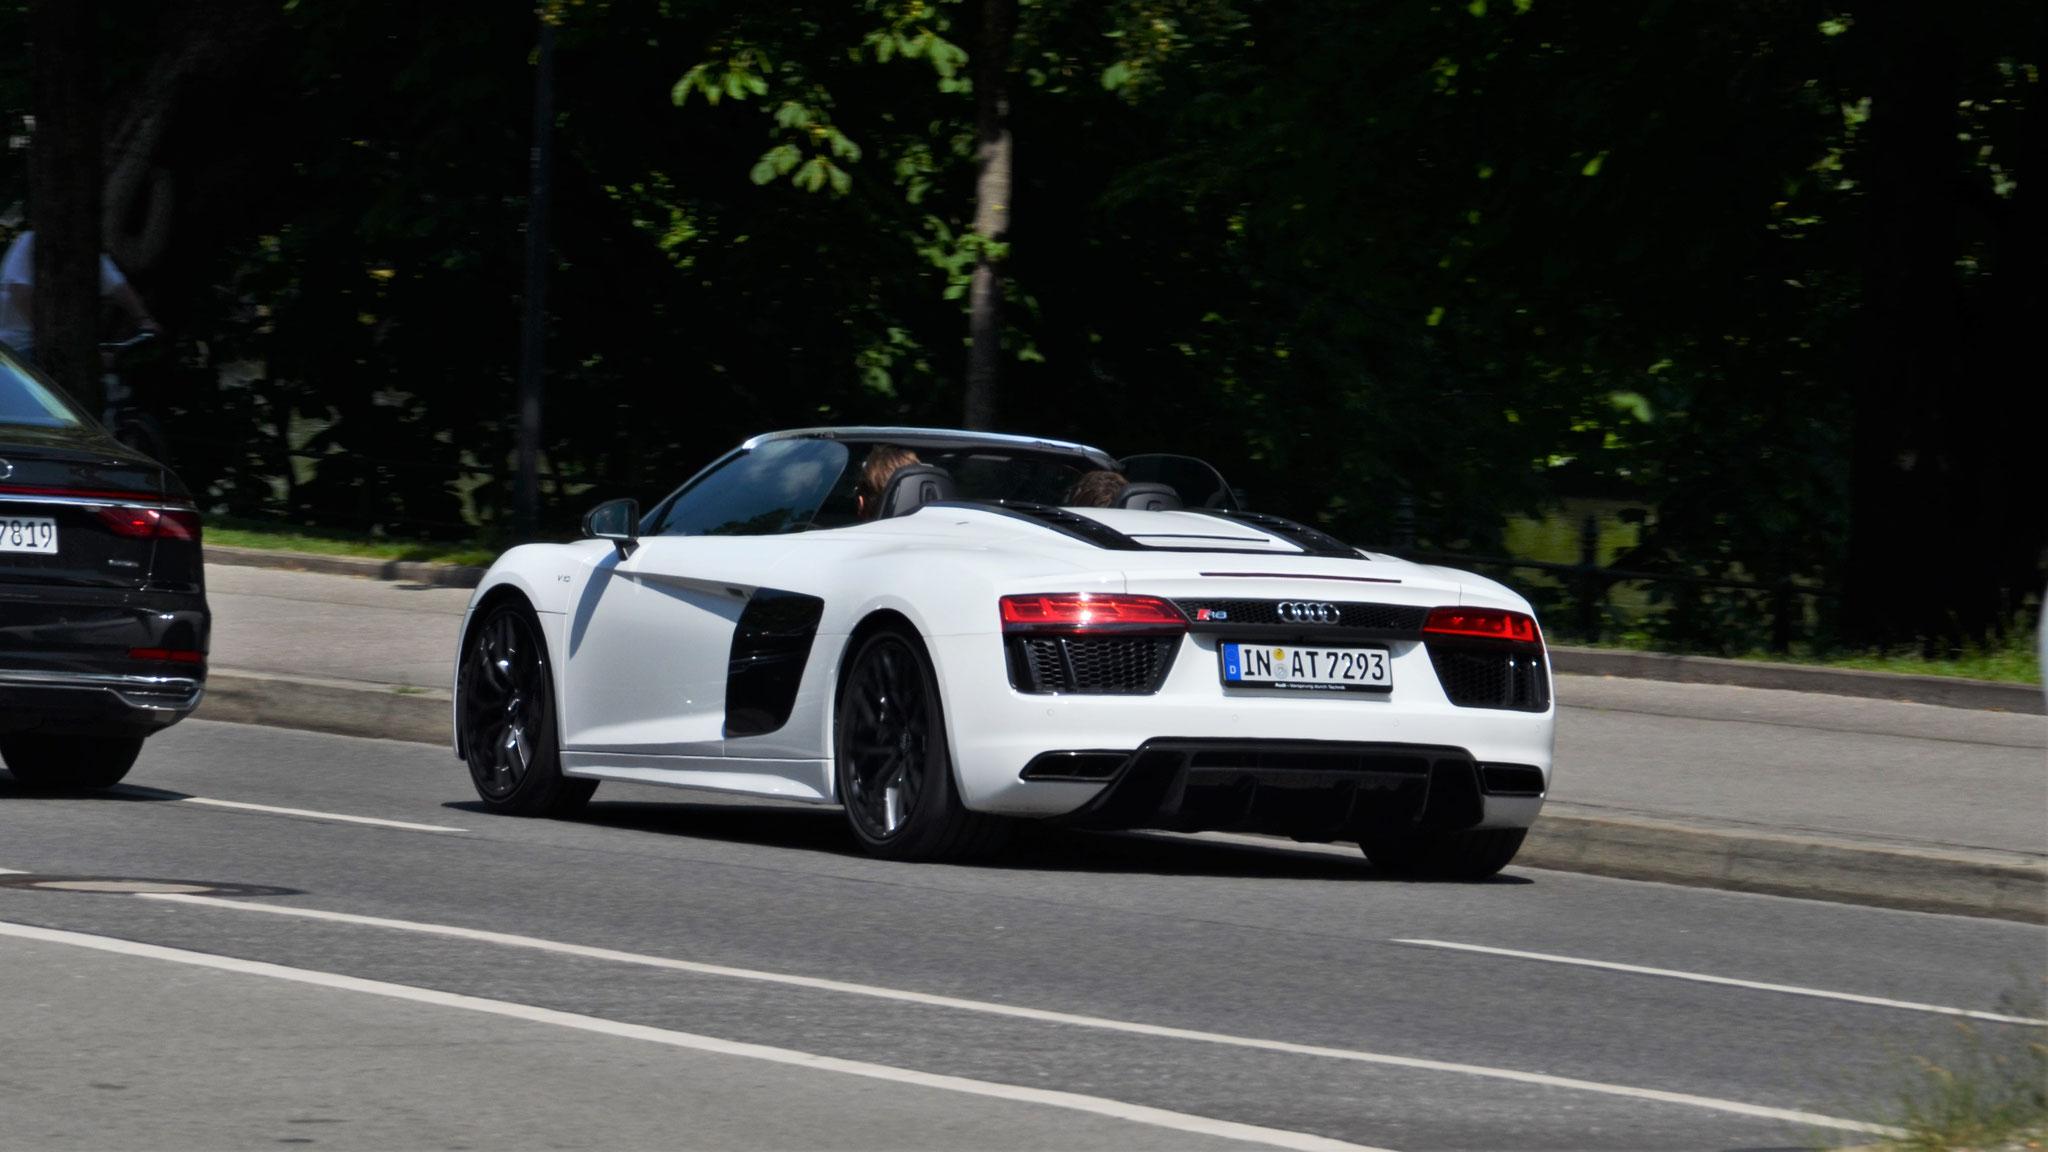 Audi R8 V10 Spyder - IN-AT-7293